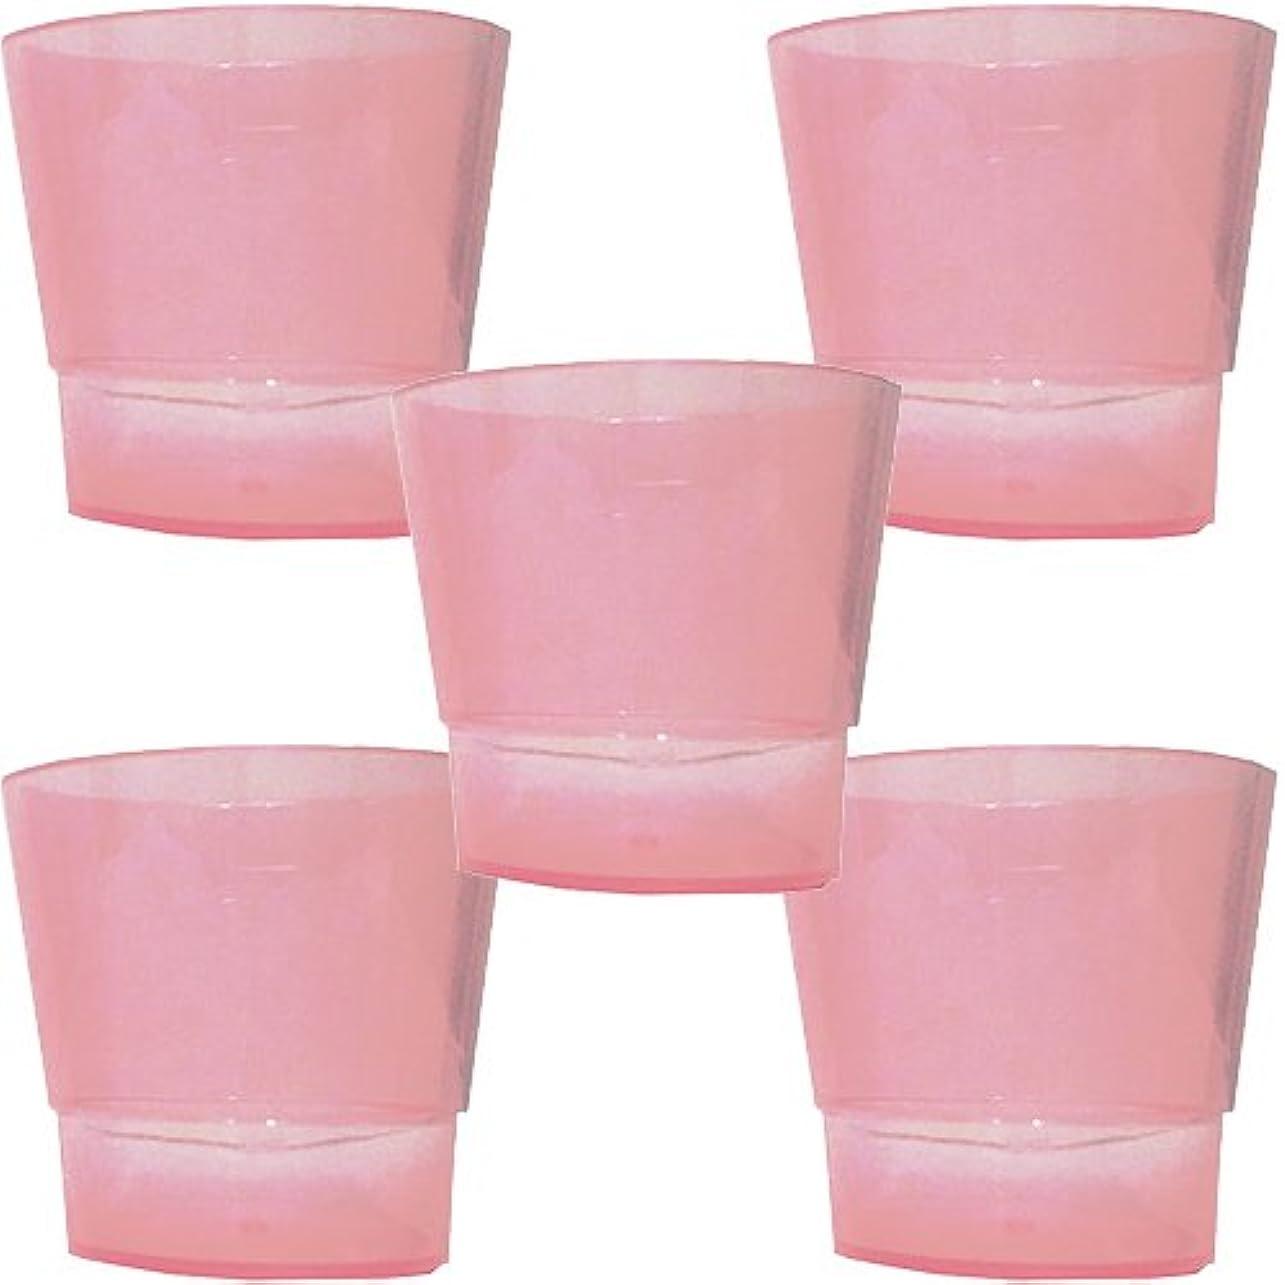 センター露出度の高い標準洗口コップ (少量洗口専用コップ) (ピンク 5個)